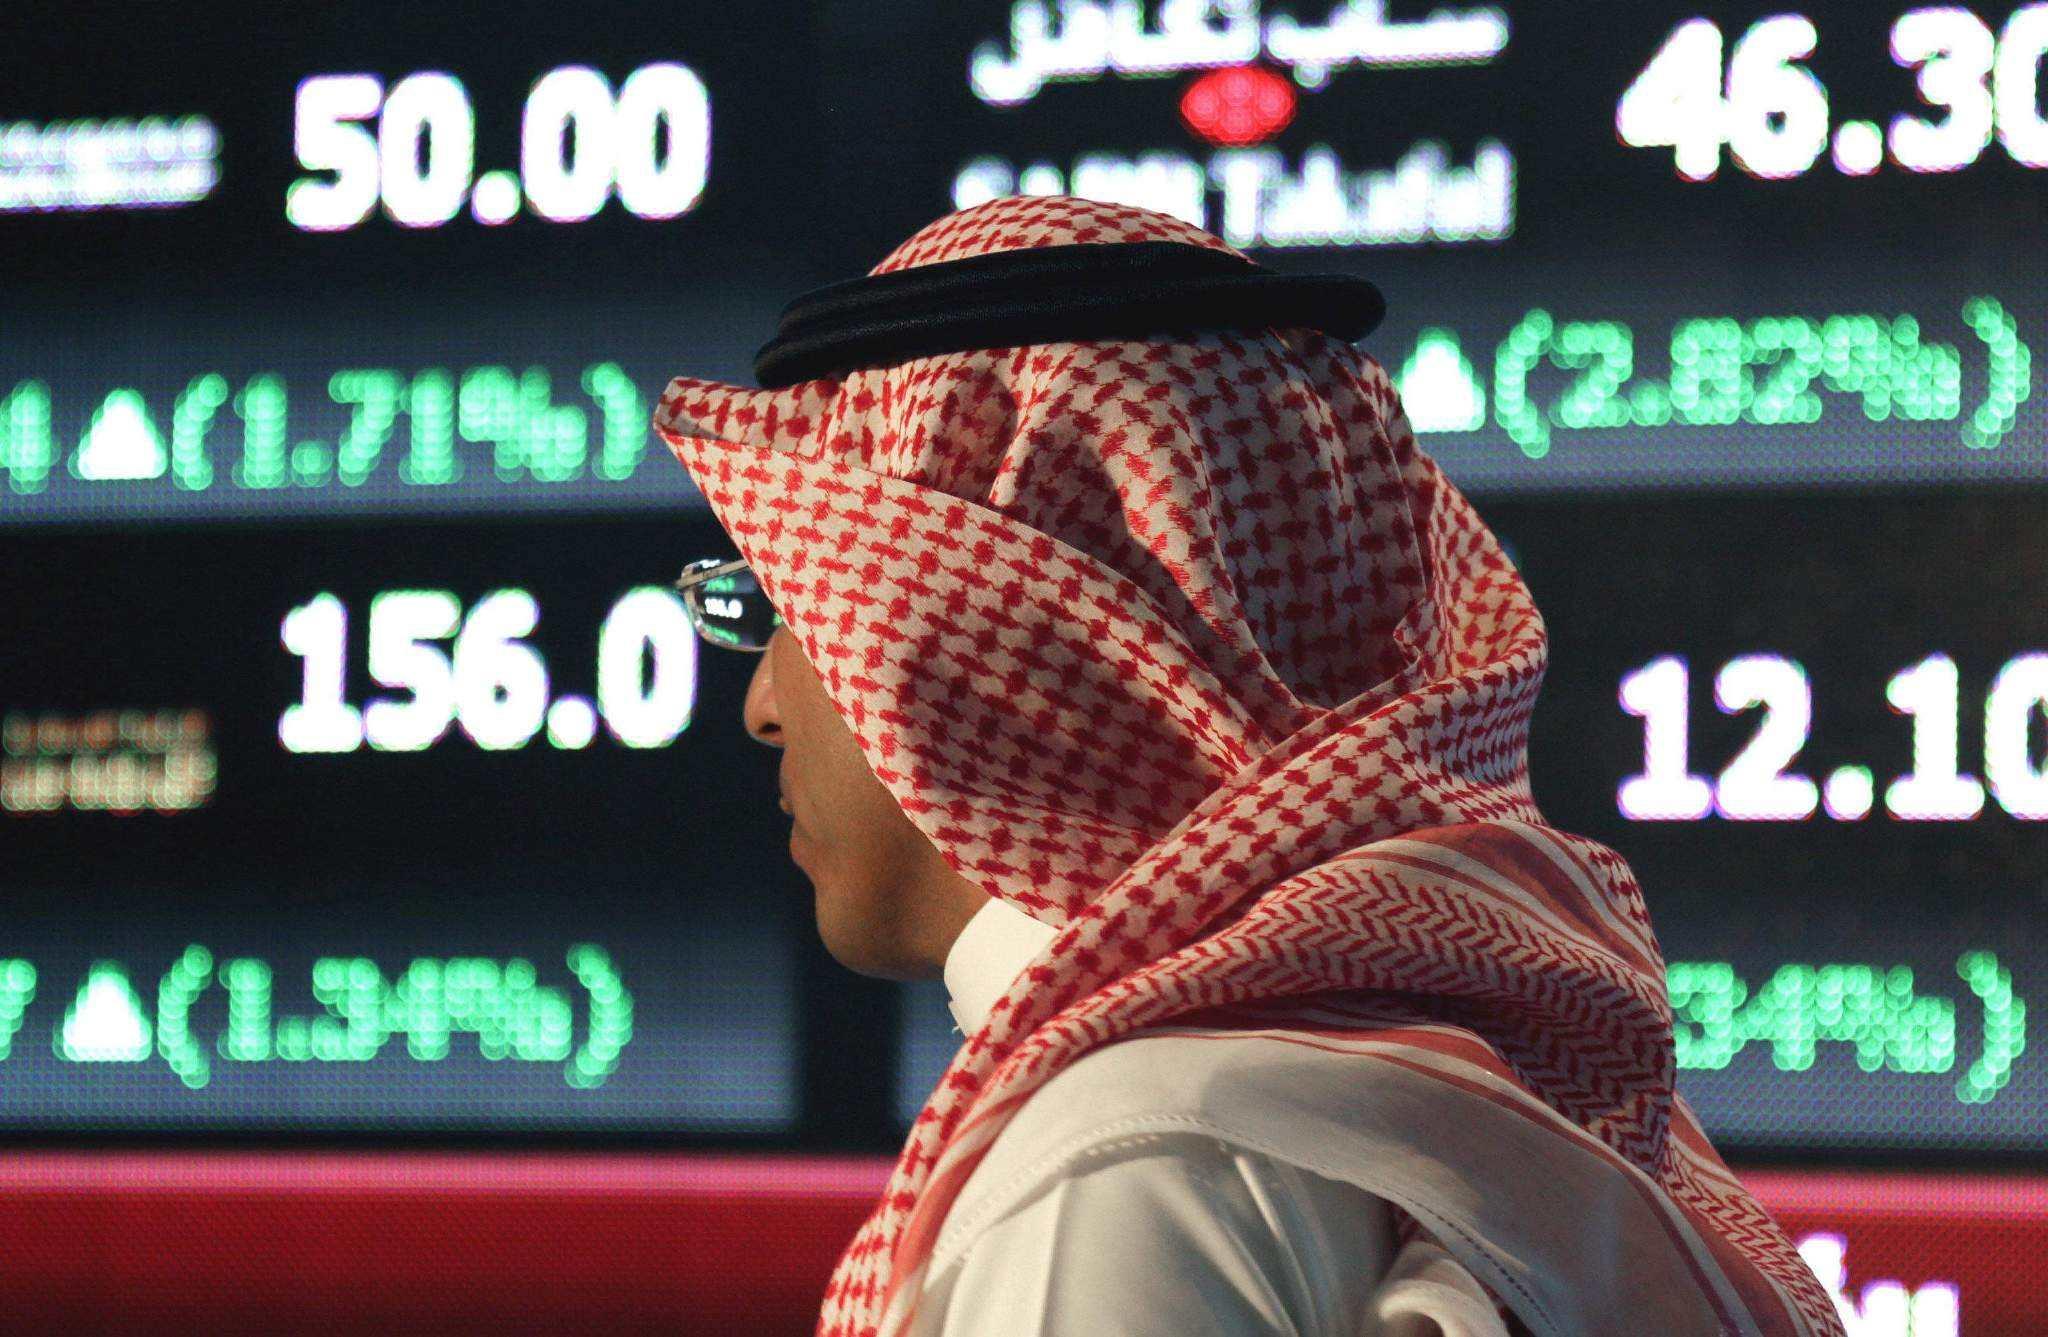 沙特gdp_厉害吧!沙特GDP不到0.8万亿美元,沙特阿美市值居然超2万亿美元